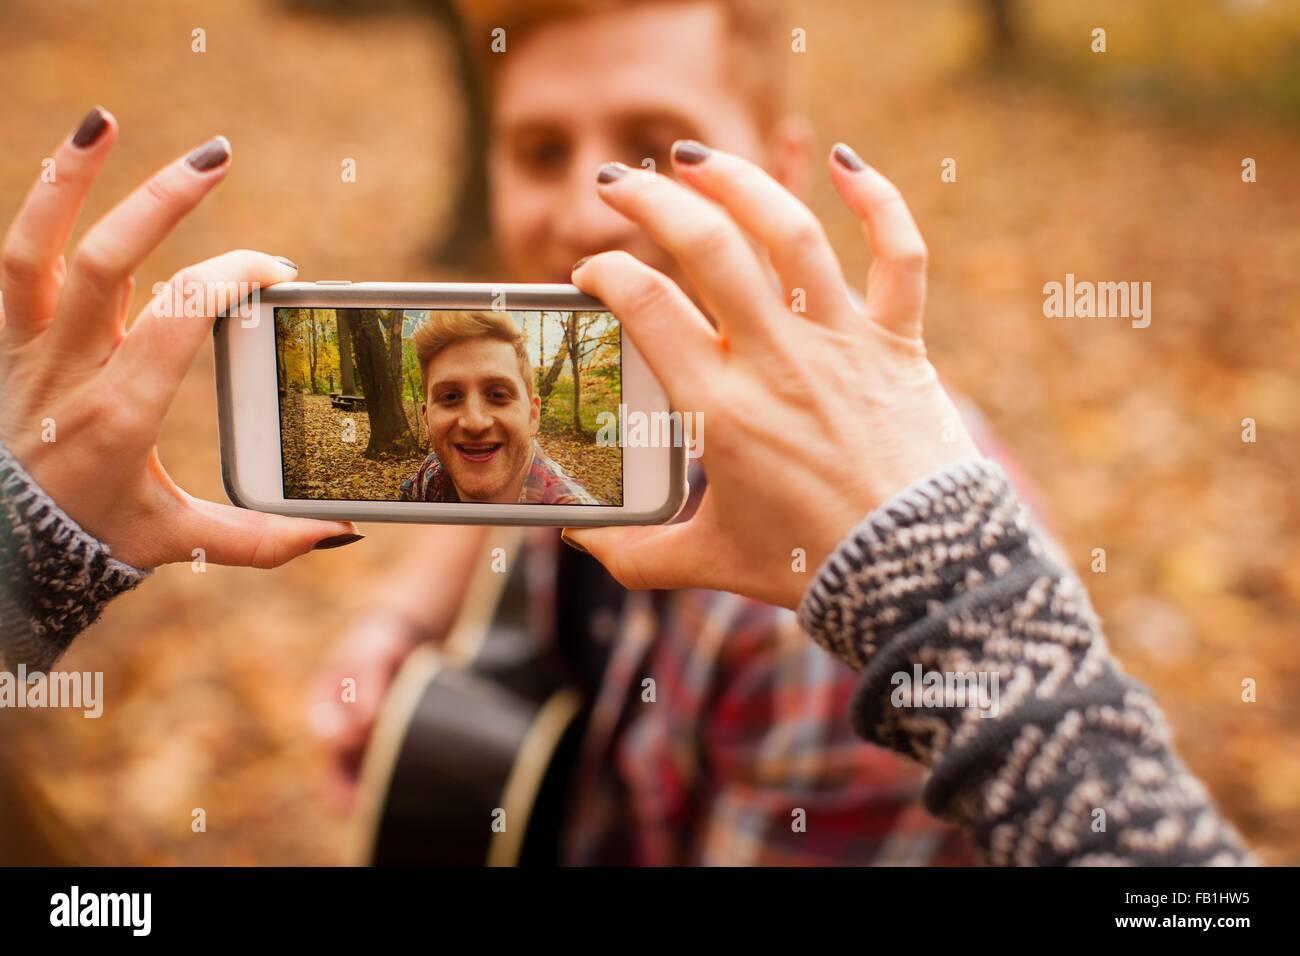 Hände der jungen Frau fotografieren Freund auf Smartphone im herbstlichen Wald Stockbild